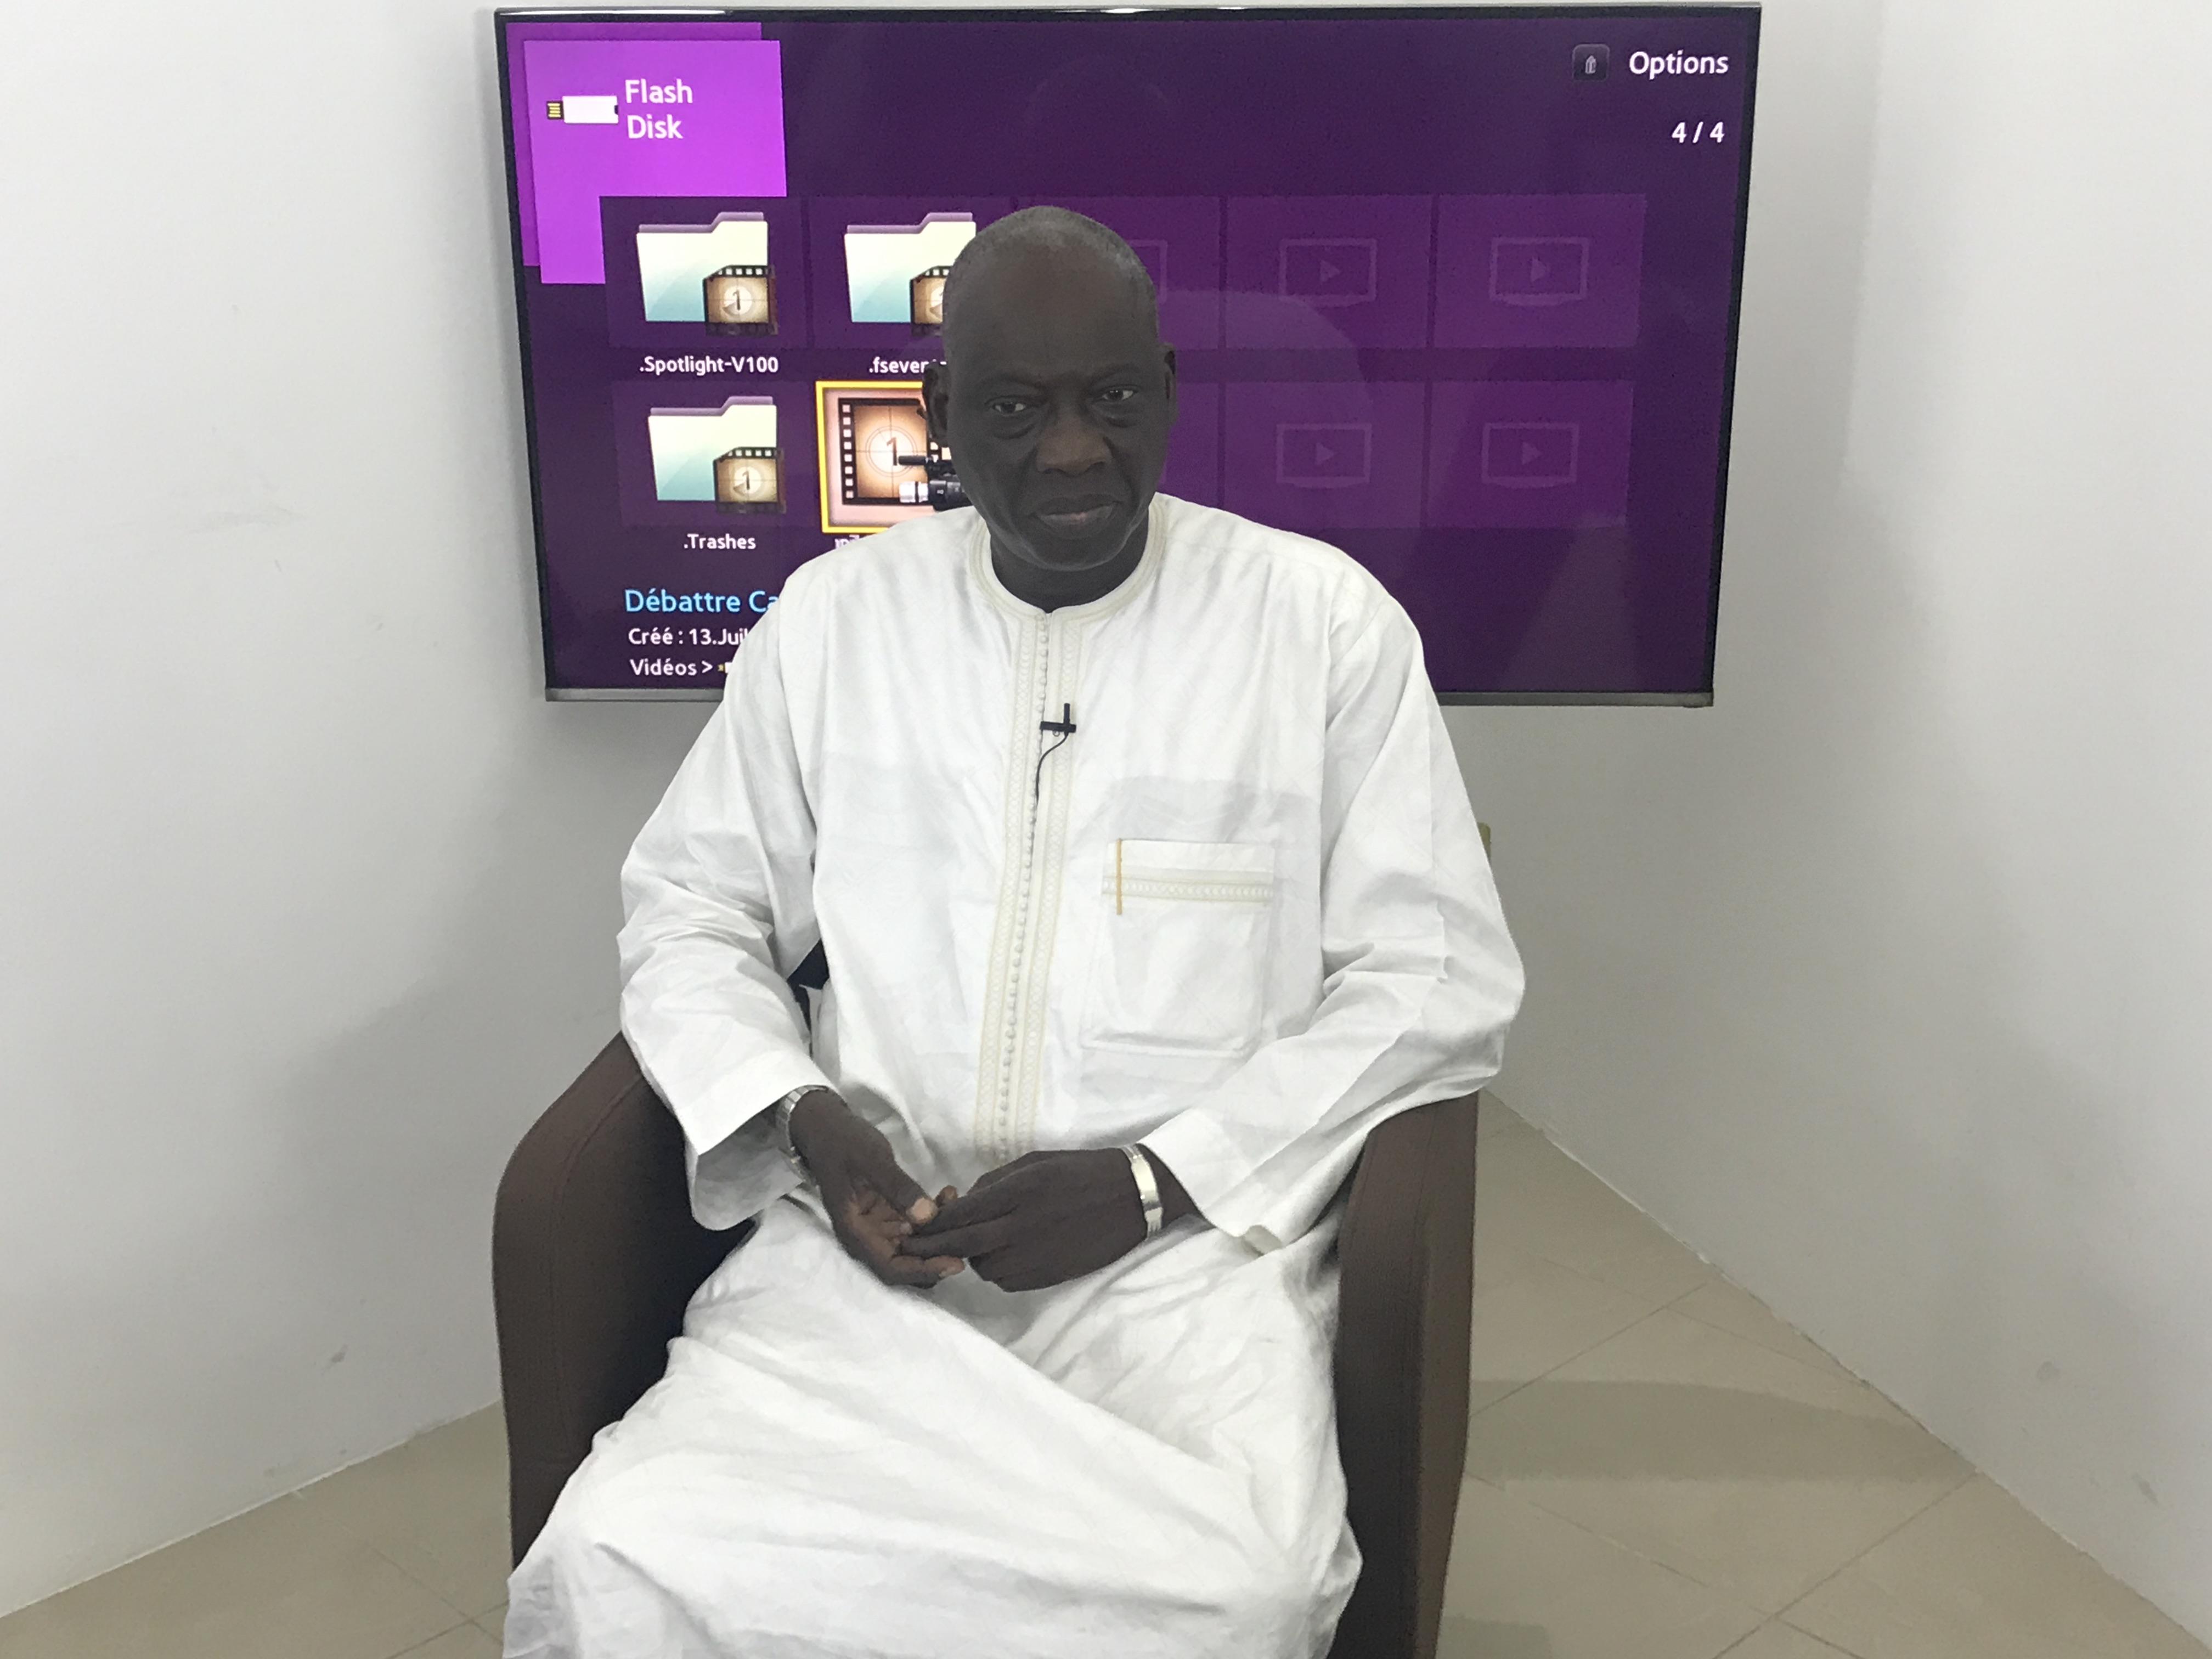 DRAME DE DEMBA DIOP : Moussa Touré présente ses condoléances et interpelle le comportement Sénégalais